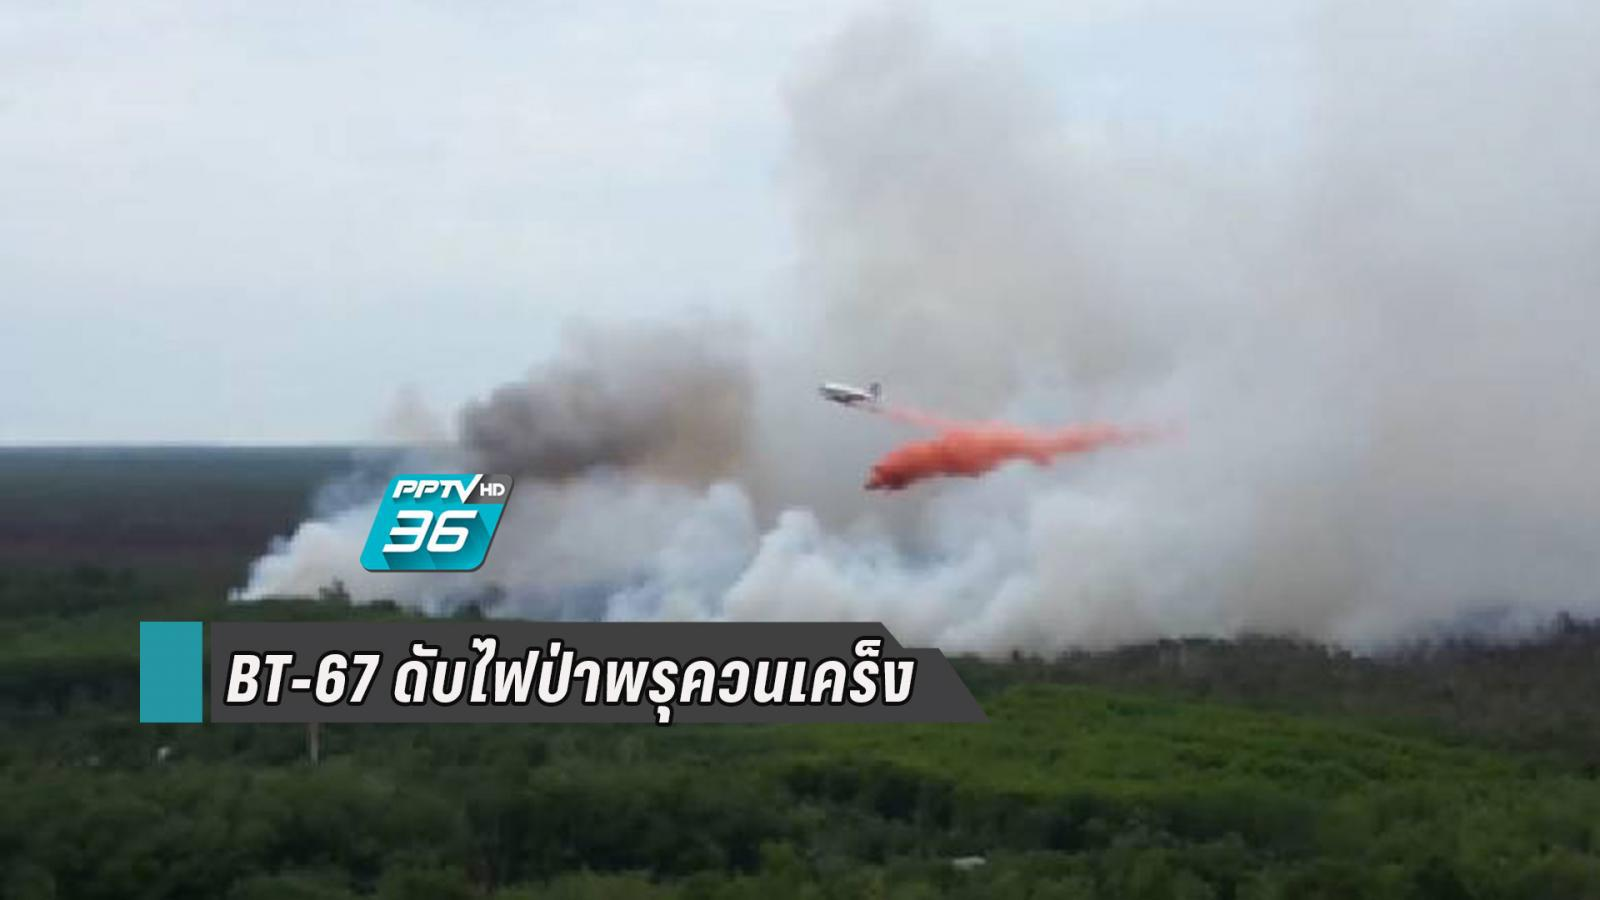 กองทัพอากาศ ส่งเครื่องบิน BT-67 ดับไฟป่าพรุควนเคร็ง